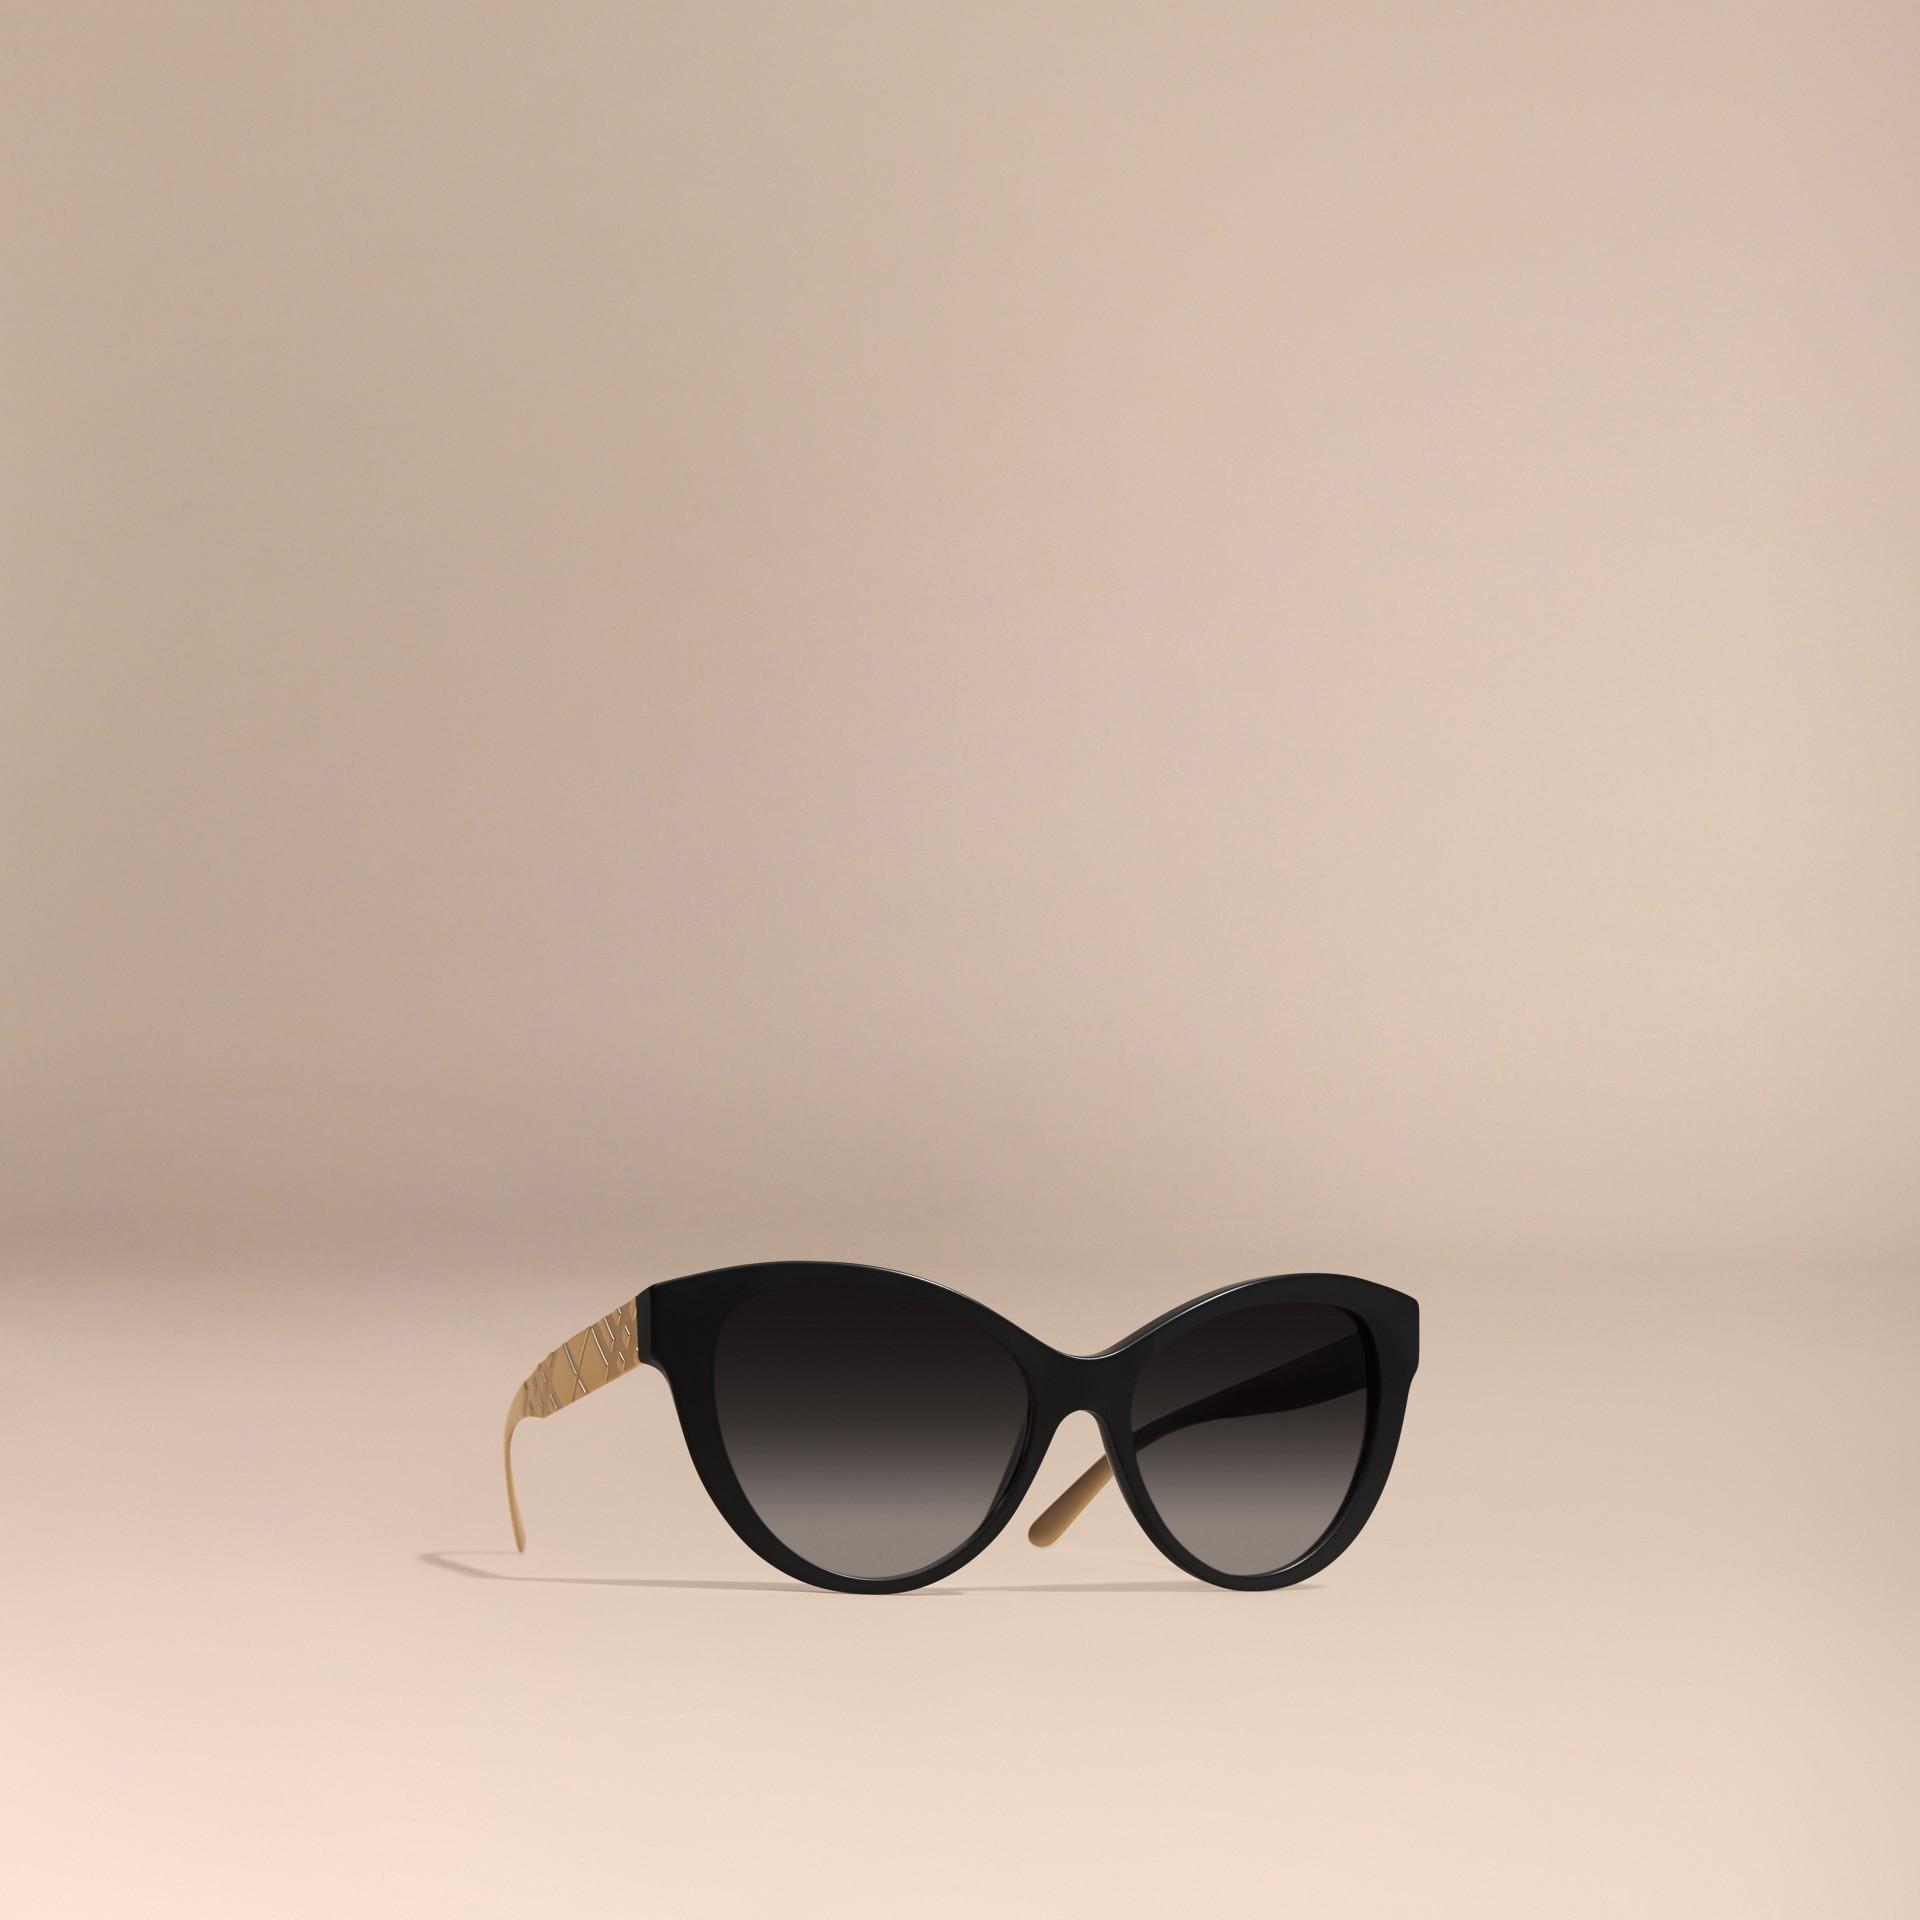 Nero Occhiali da sole con montatura cat-eye e motivo check tridimensionale Nero - immagine della galleria 1